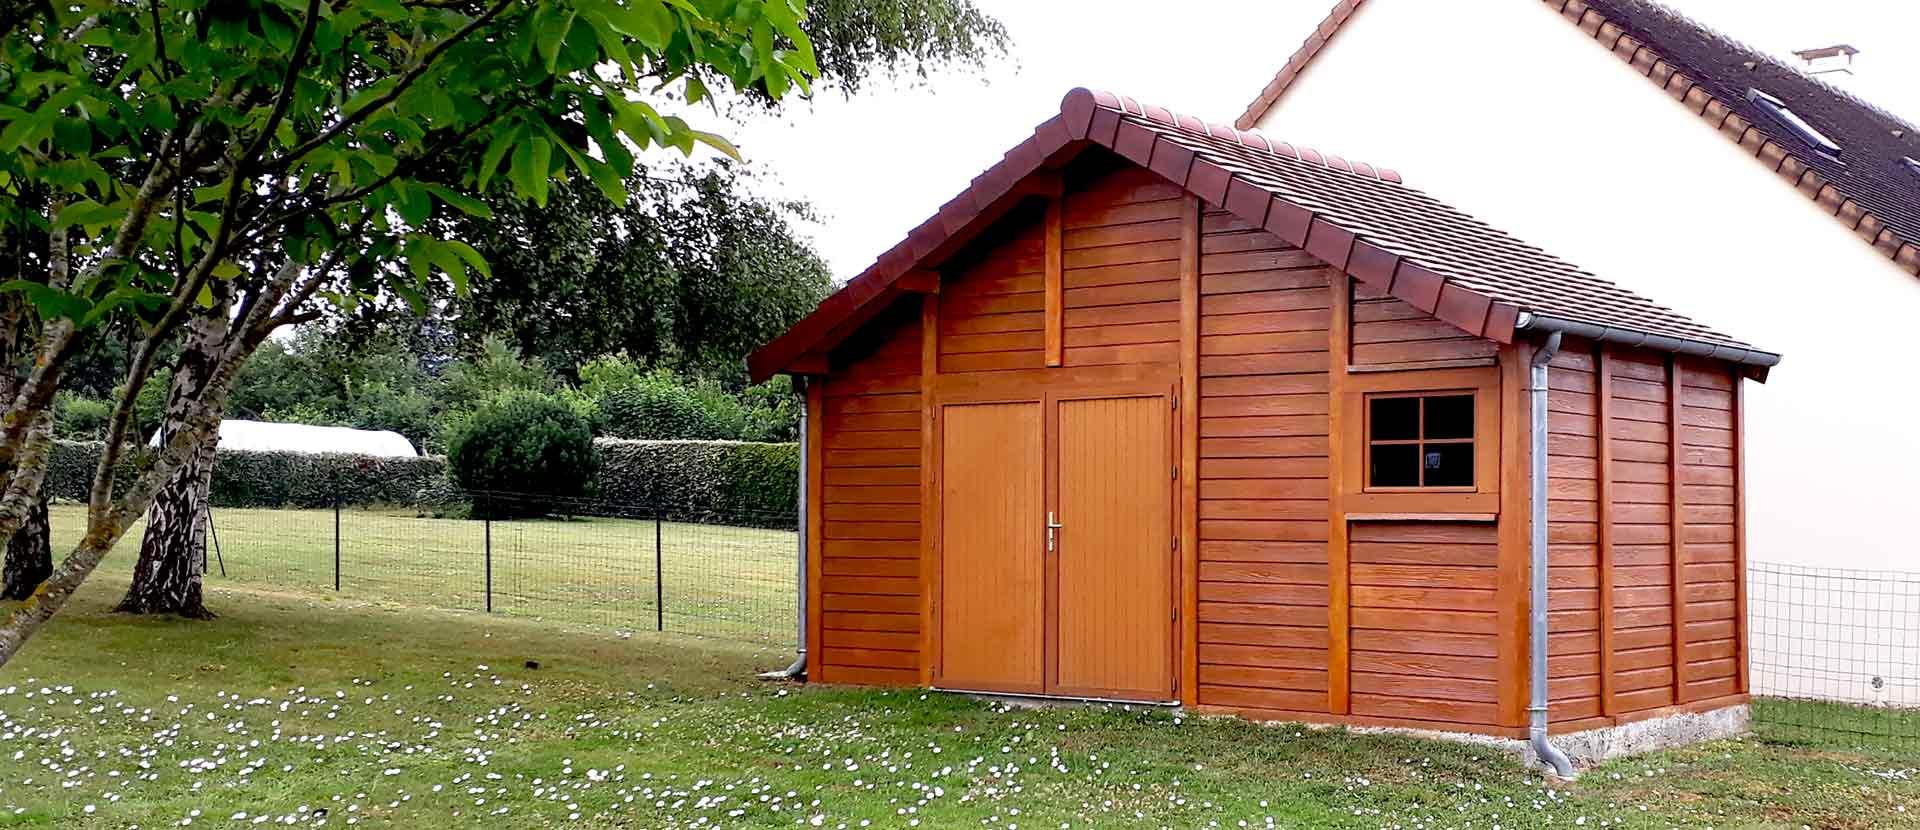 Garage Et Construction Modulaire Béton Et Béton Aspect Bois intérieur Abri De Jardin Prefabrique En Beton